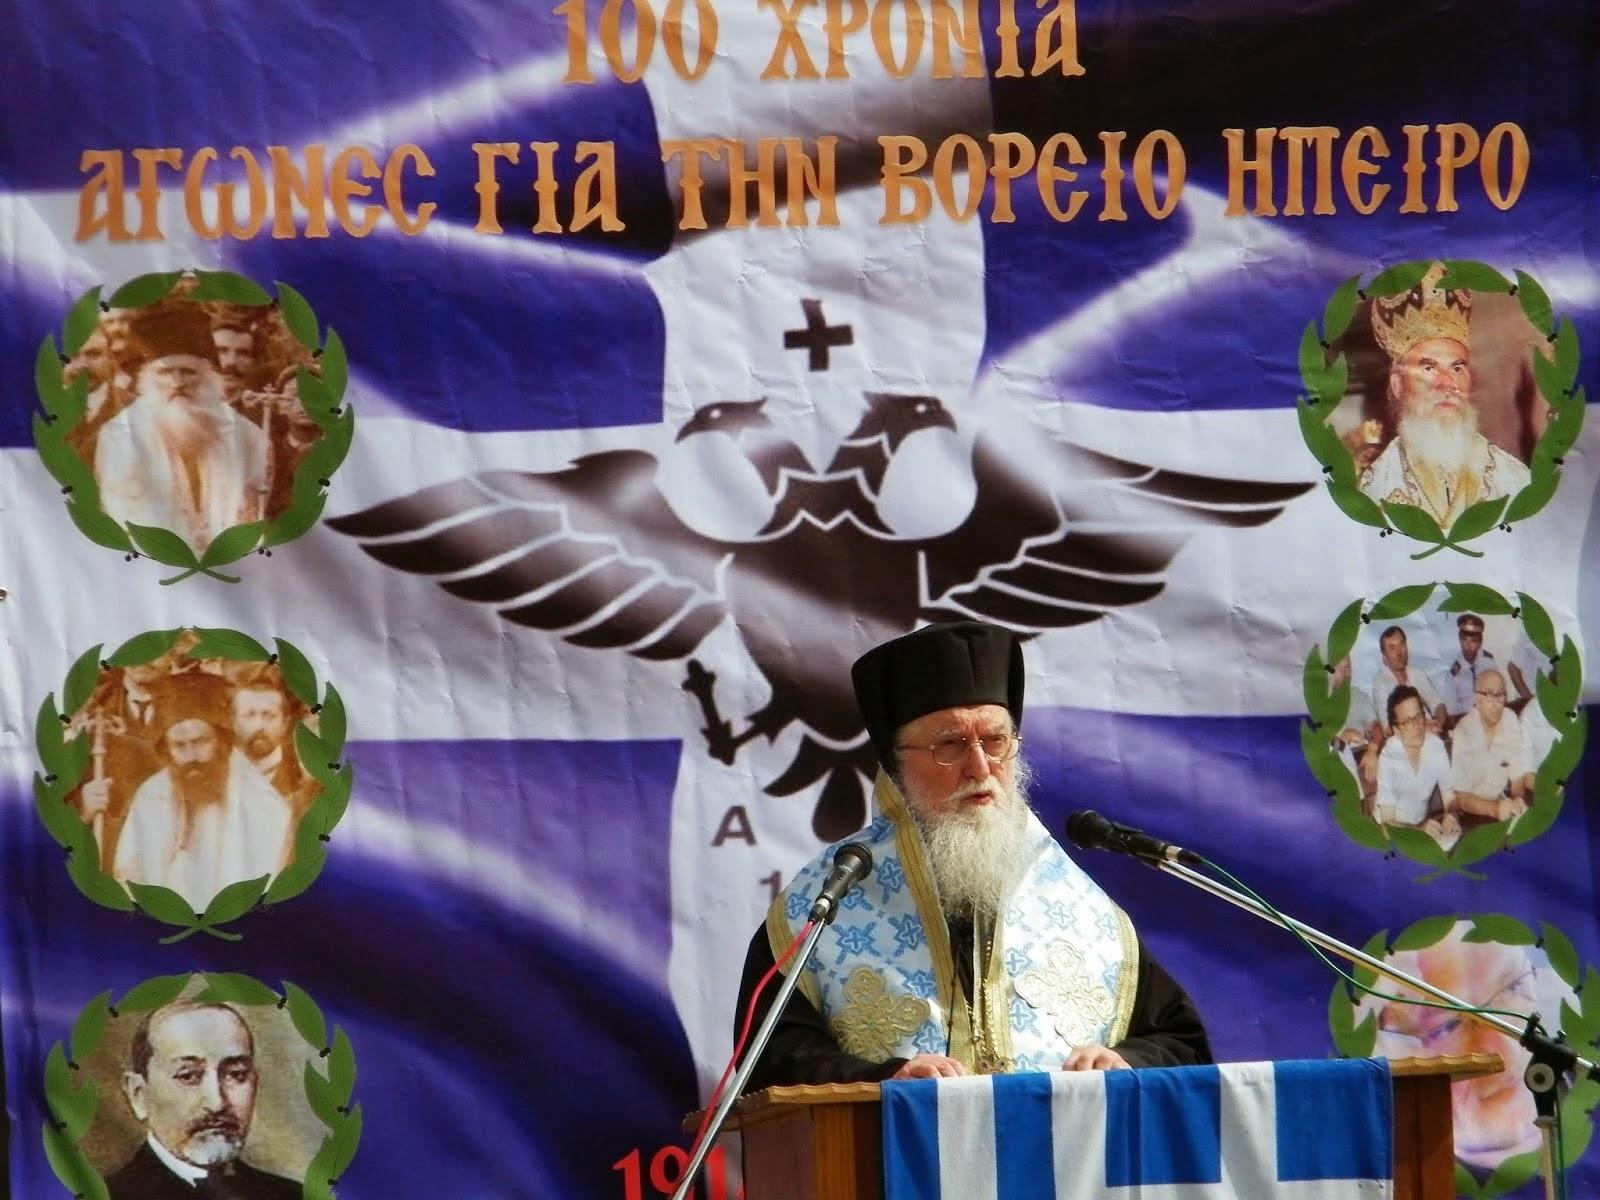 Εορτασμός των 100 χρόνων από την αυτονομία της Βορείου Ηπείρου... - Φωτογραφία 1